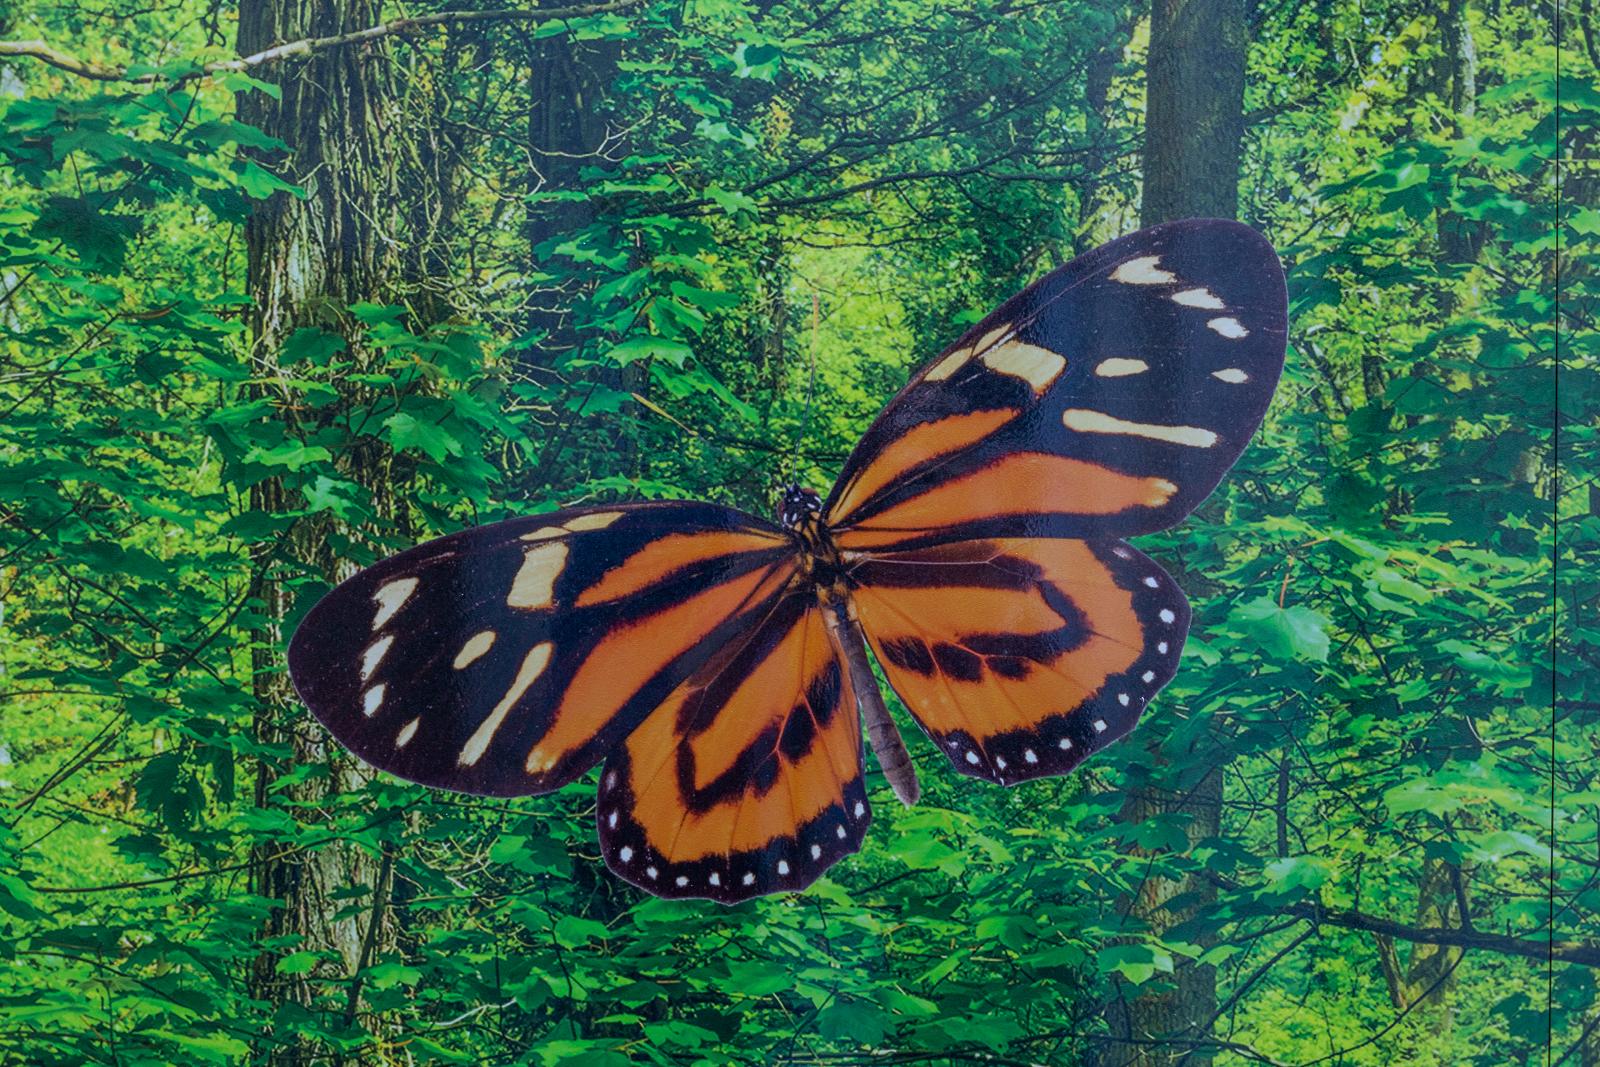 Butterfly bespoke outdoor nursery wall art